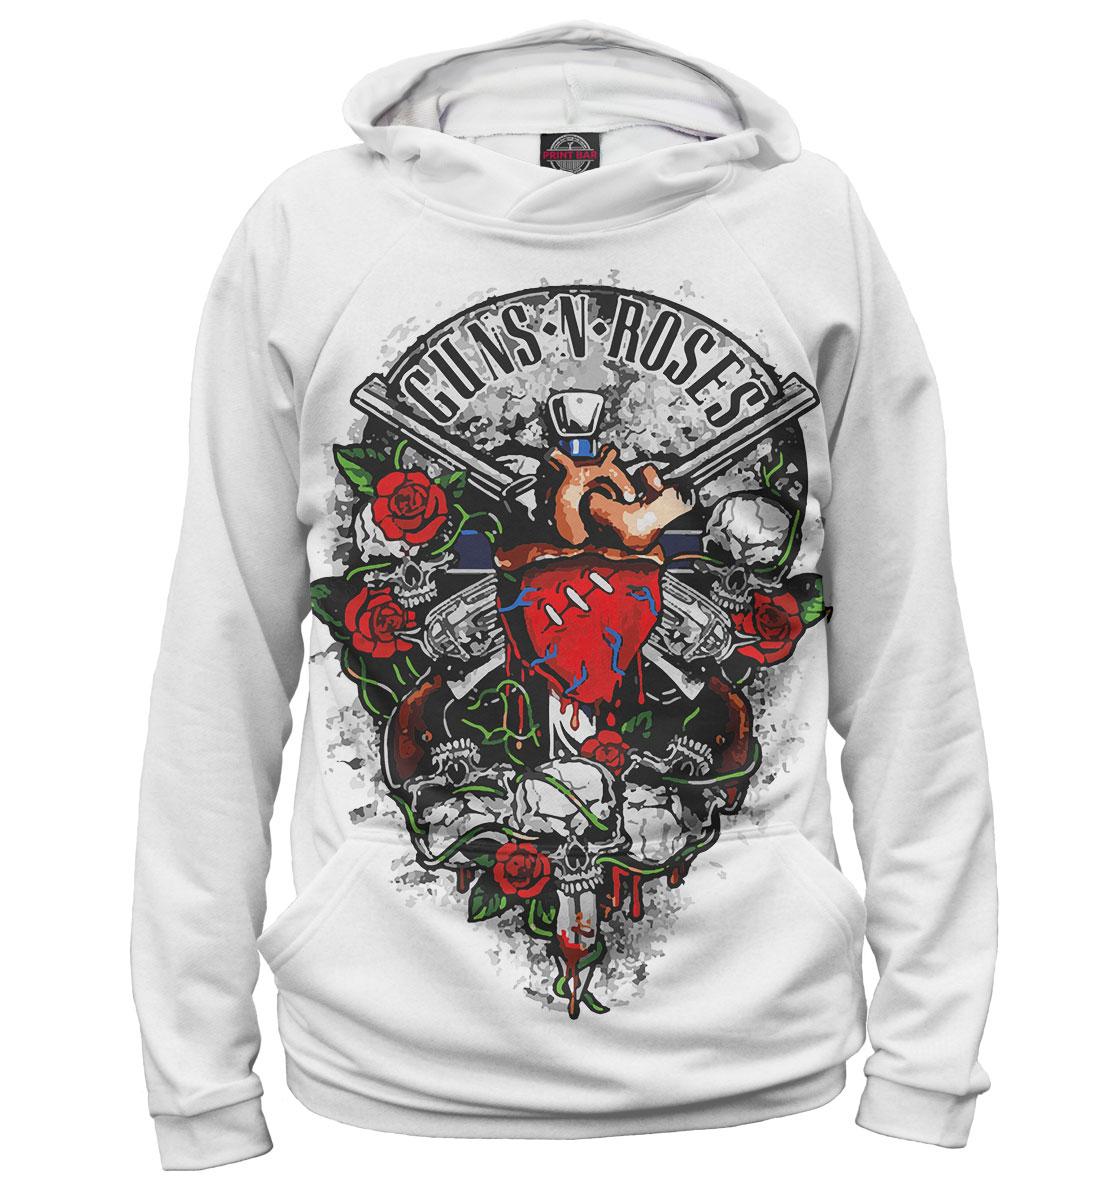 Купить Guns N' Roses, Printbar, Худи, GNR-168036-hud-1